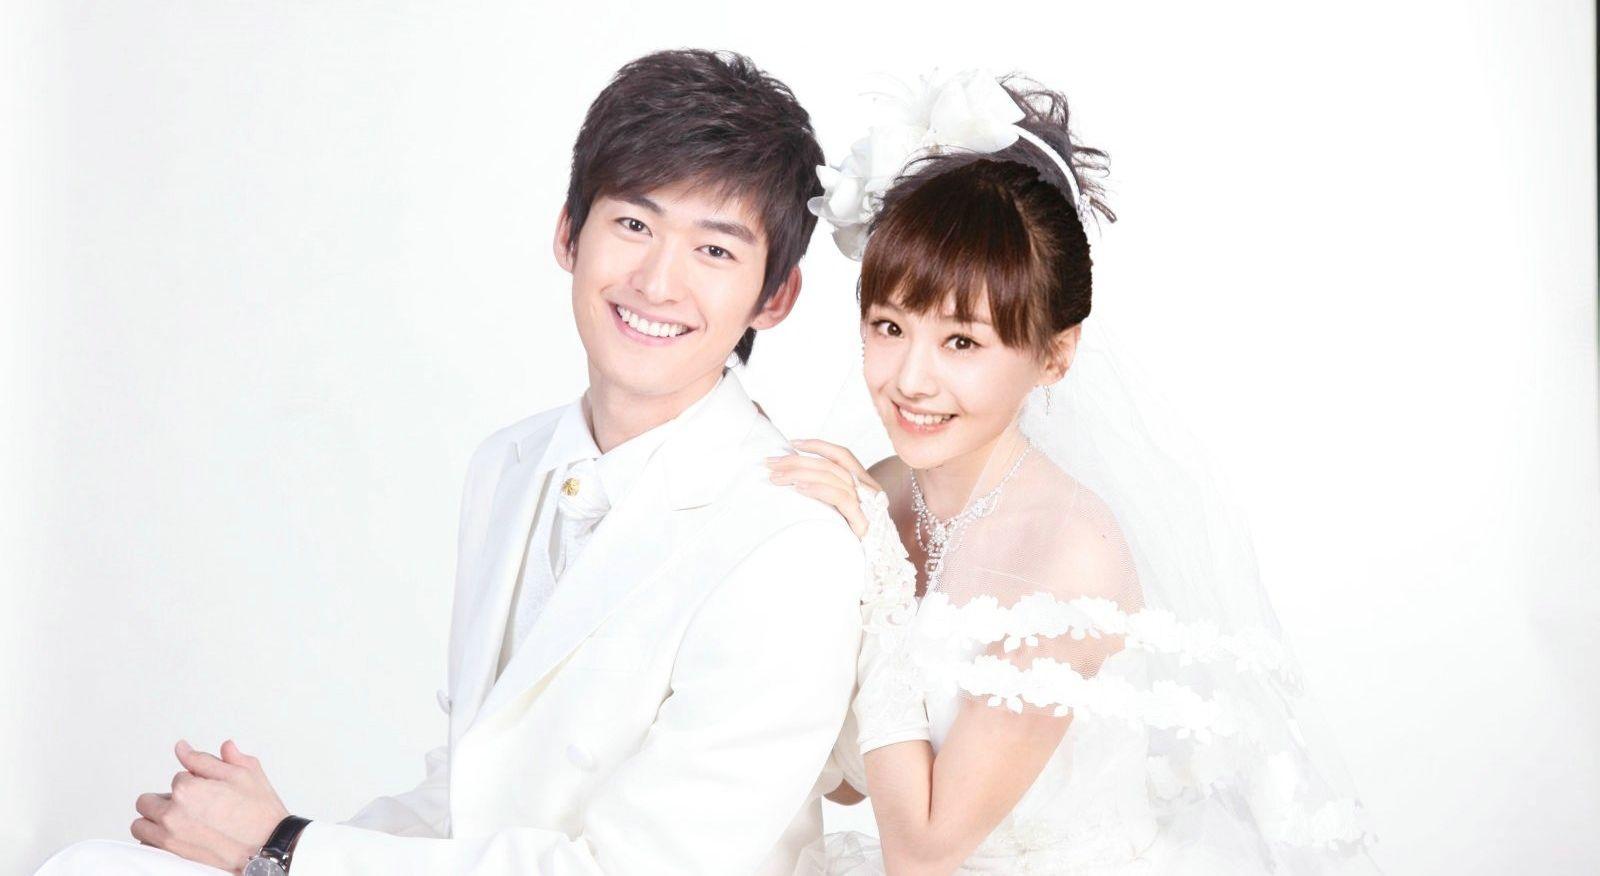 张翰和郑爽结婚了么_张翰和郑爽的结婚照_百度知道